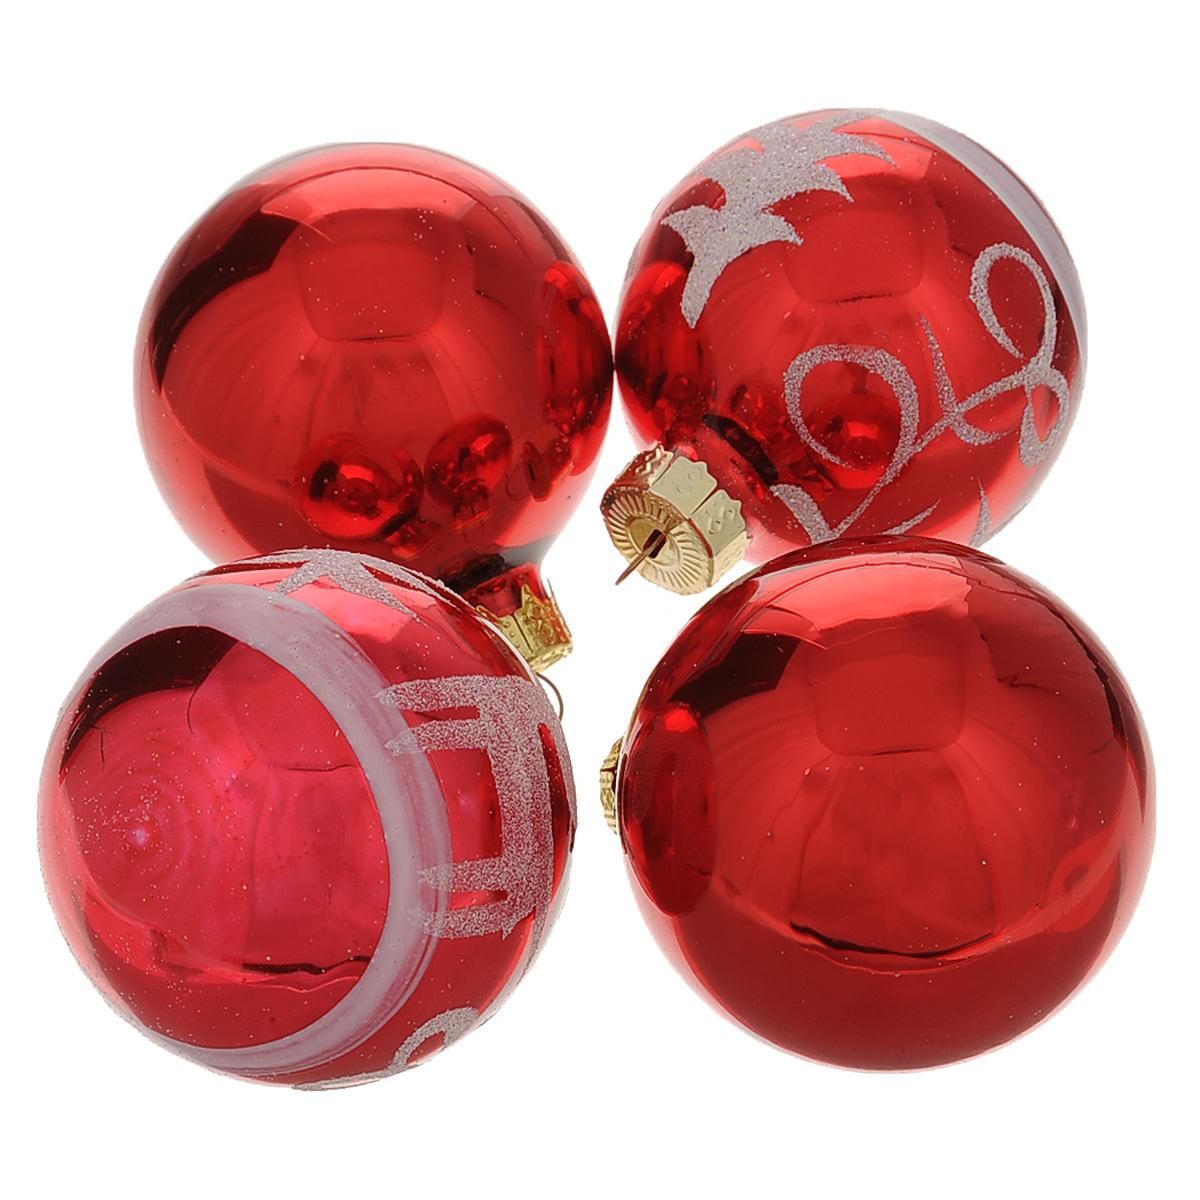 Набор новогодних подвесных украшений Шар, цвет: серебристый, красный, диаметр 6 см, 4 шт. 3448534485Набор новогодних подвесных украшений Шар прекрасно подойдет для праздничного декора новогодней ели. Состоит из четырех шаров. Елочная игрушка - символ Нового года. Она несет в себе волшебство и красоту праздника. Создайте в своем доме атмосферу веселья и радости, украшая новогоднюю елку нарядными игрушками, которые будут из года в год накапливать теплоту воспоминаний. Коллекция декоративных украшений принесет в ваш дом ни с чем несравнимое ощущение волшебства! Откройте для себя удивительный мир сказок и грез. Почувствуйте волшебные минуты ожидания праздника, создайте новогоднее настроение вашим дорогим и близким.